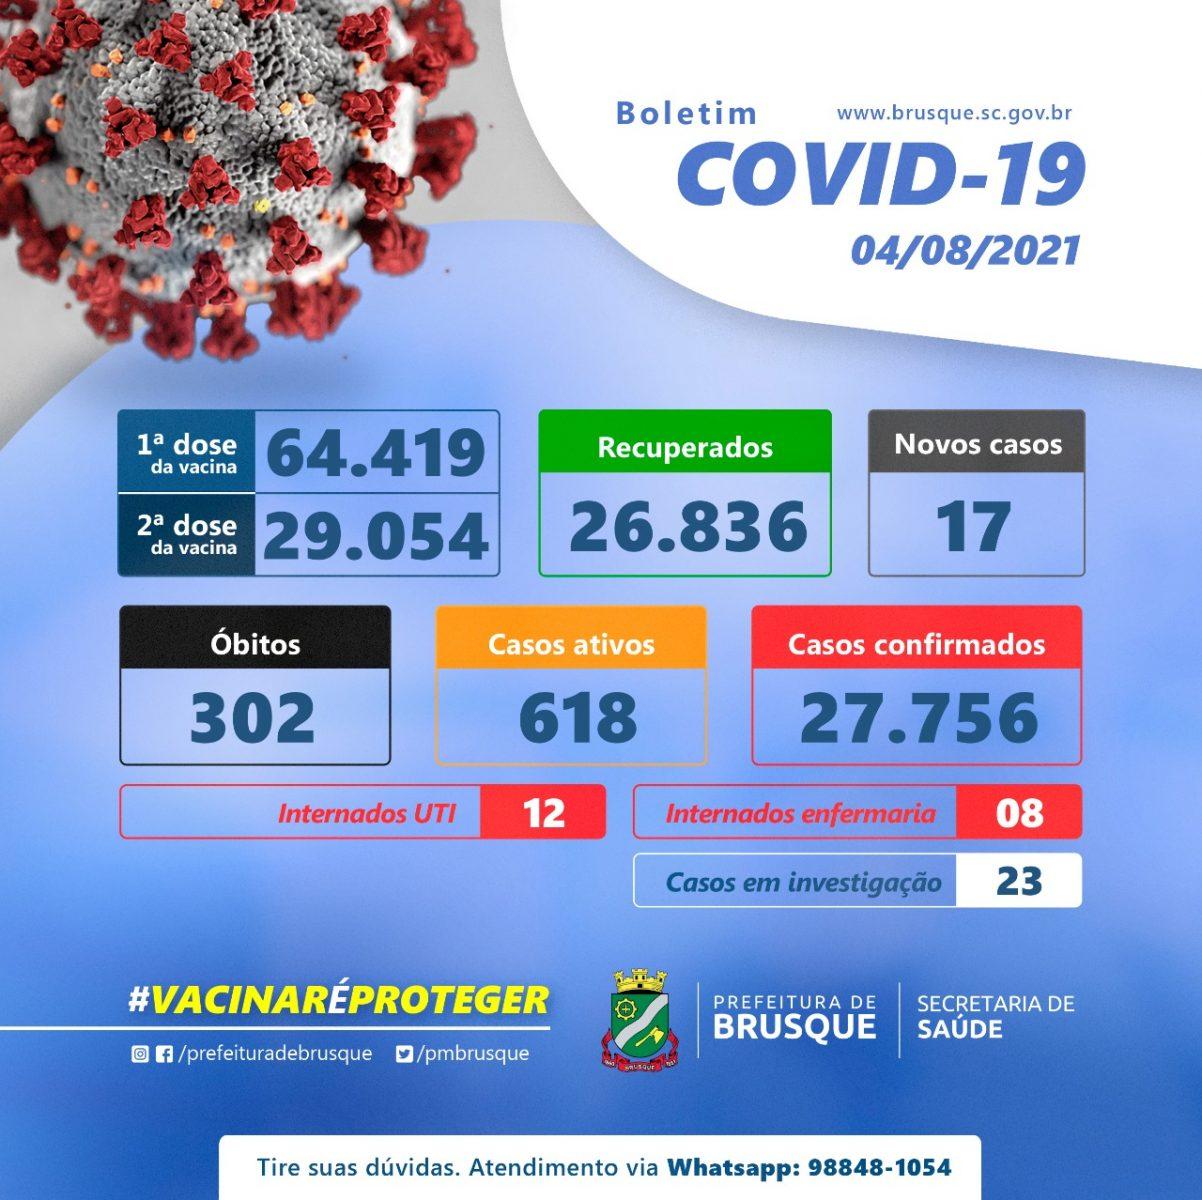 Covid-19: Confira o boletim epidemiológico desta quarta-feira (04)